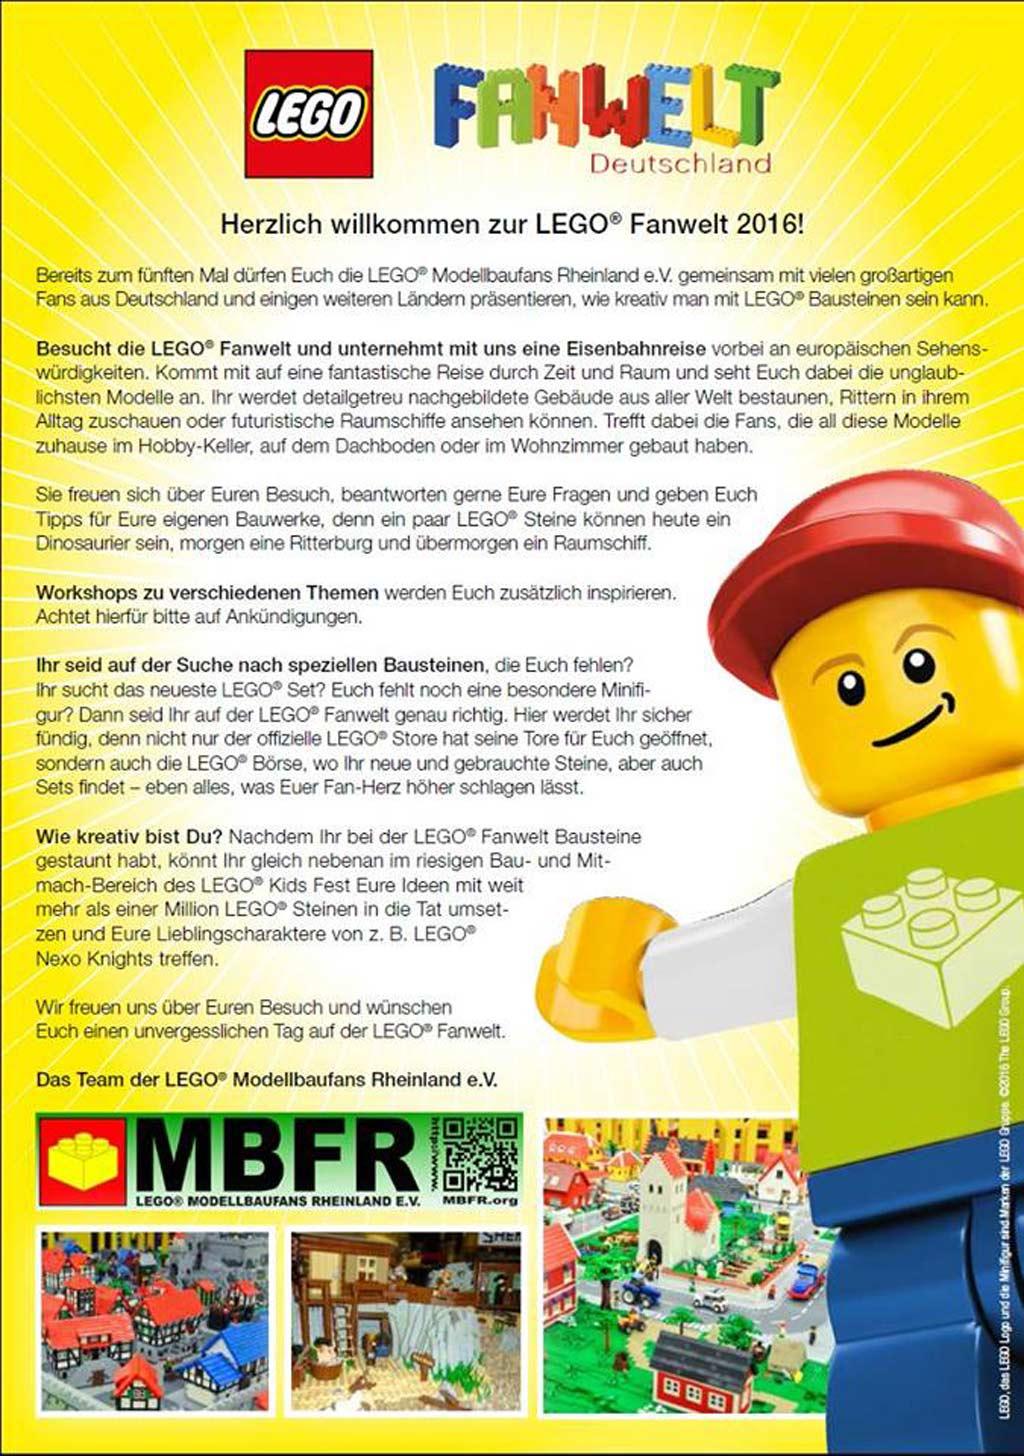 LEGO Fanwelt: Das ist geplant   © LEGO Modellbaufans Rheinland e.V.